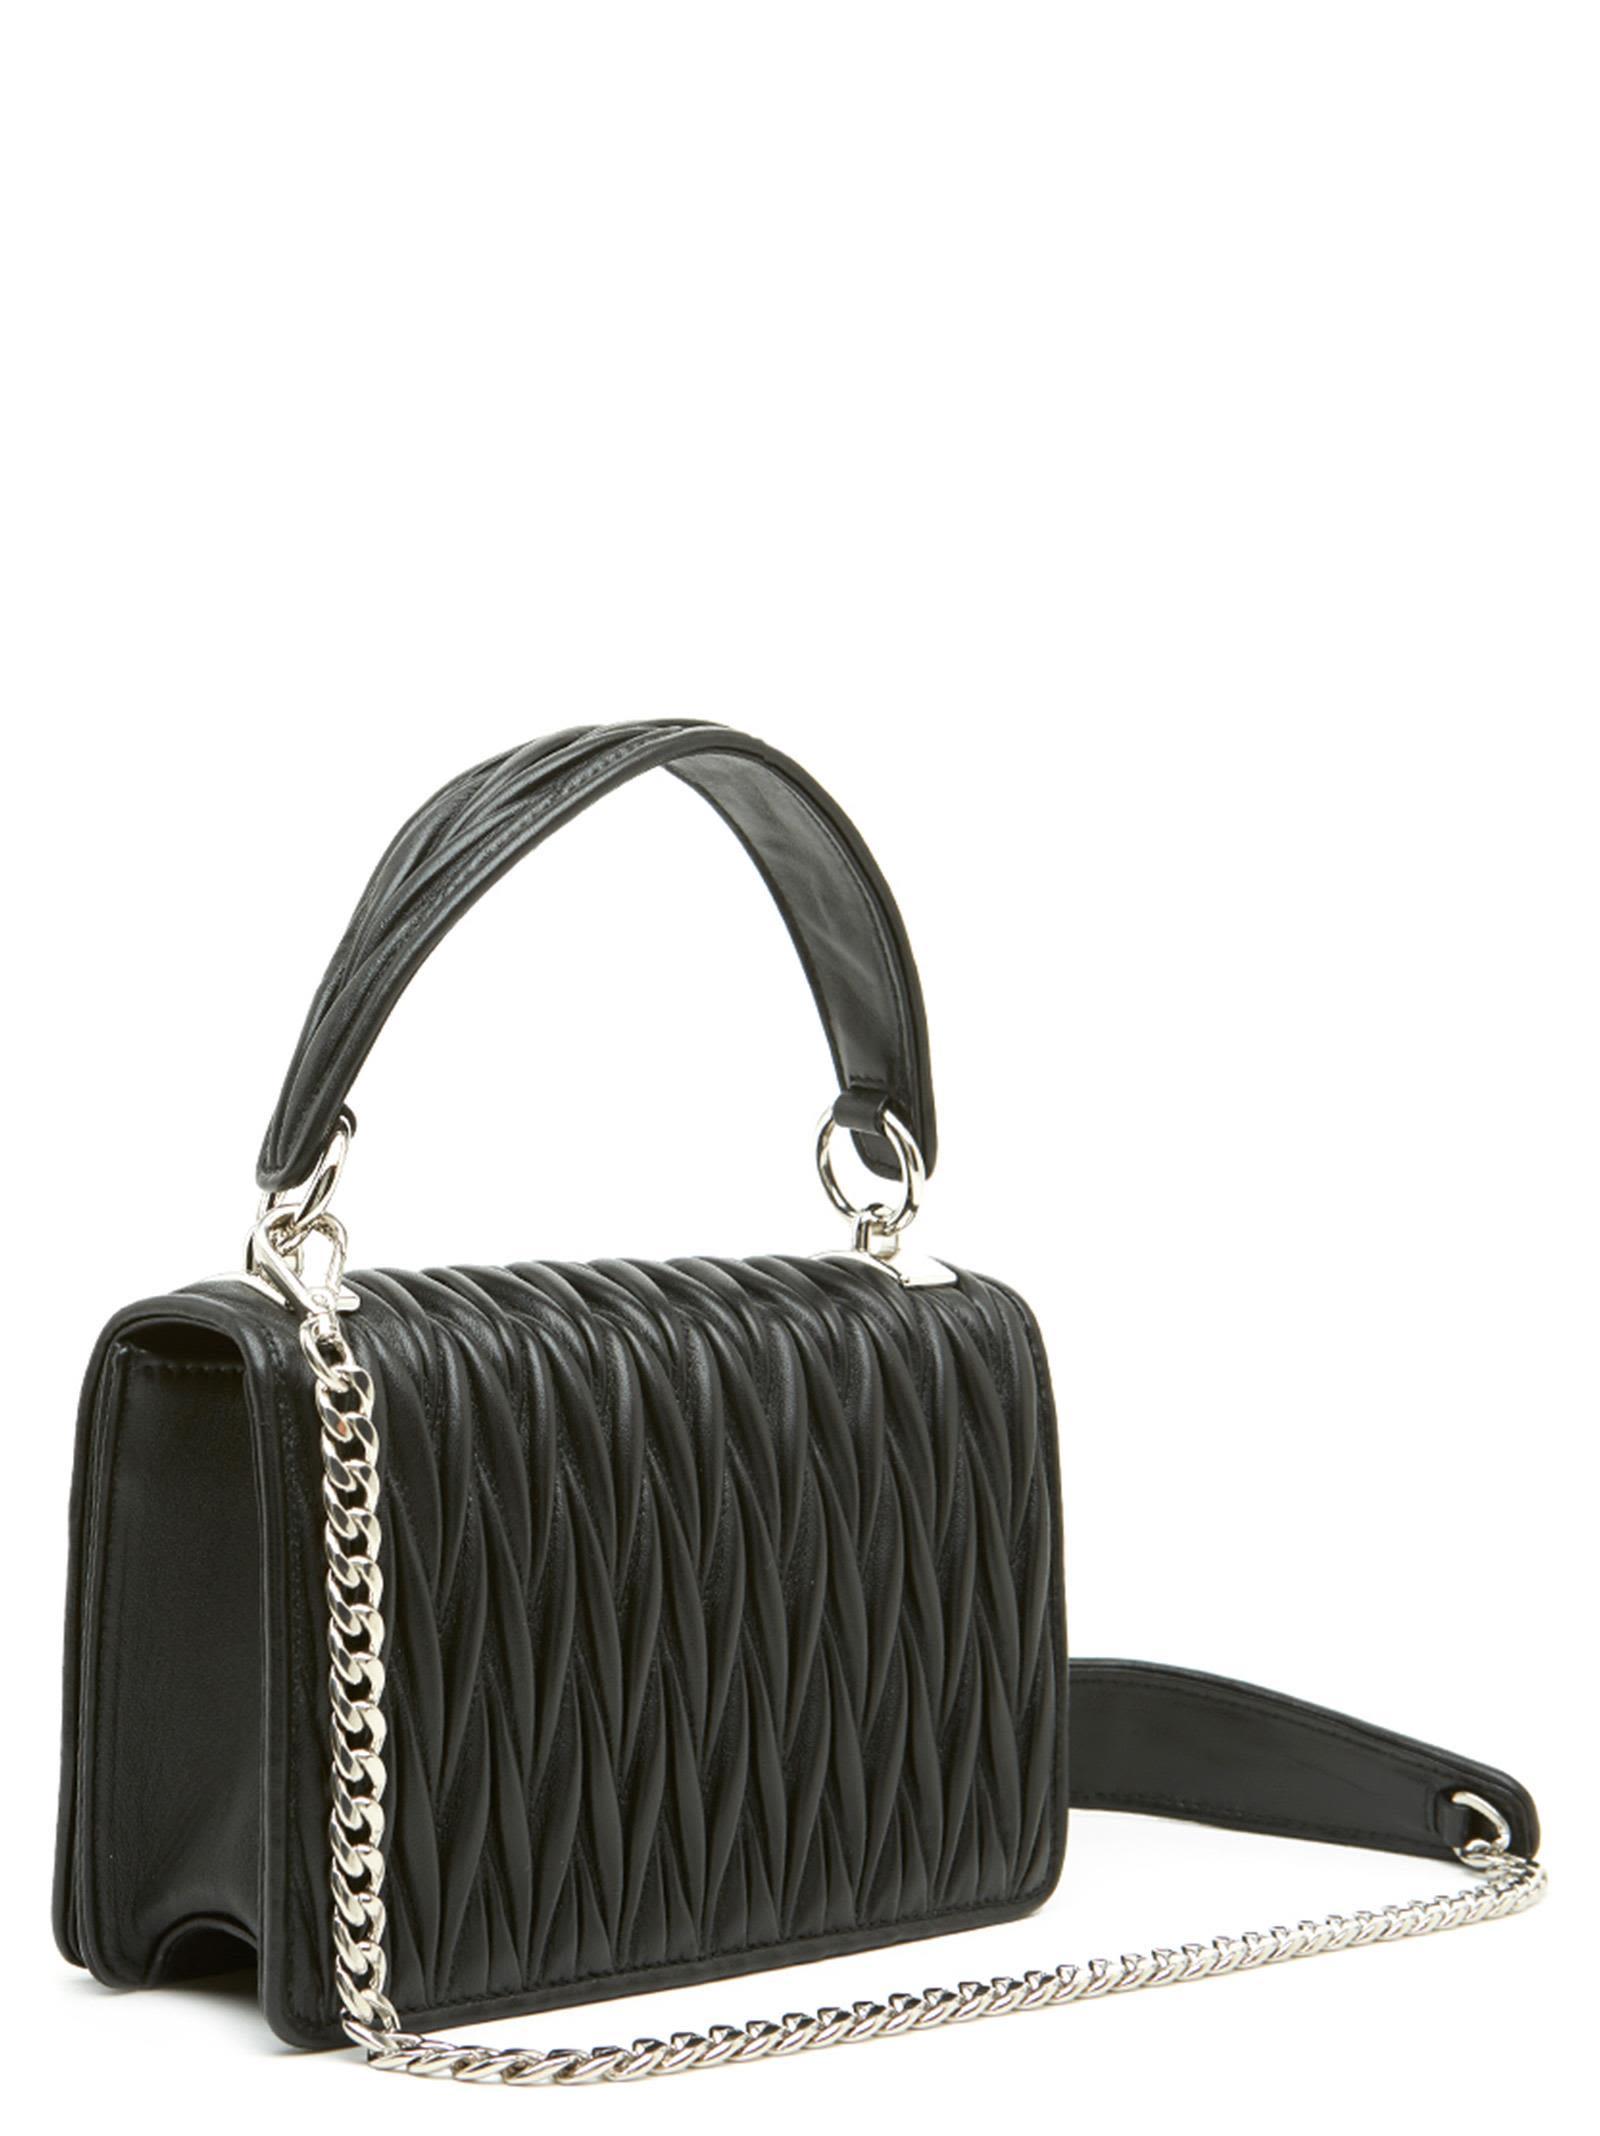 c1af51df452 Miu Miu Bag - Black Miu Miu Bag - Black ...